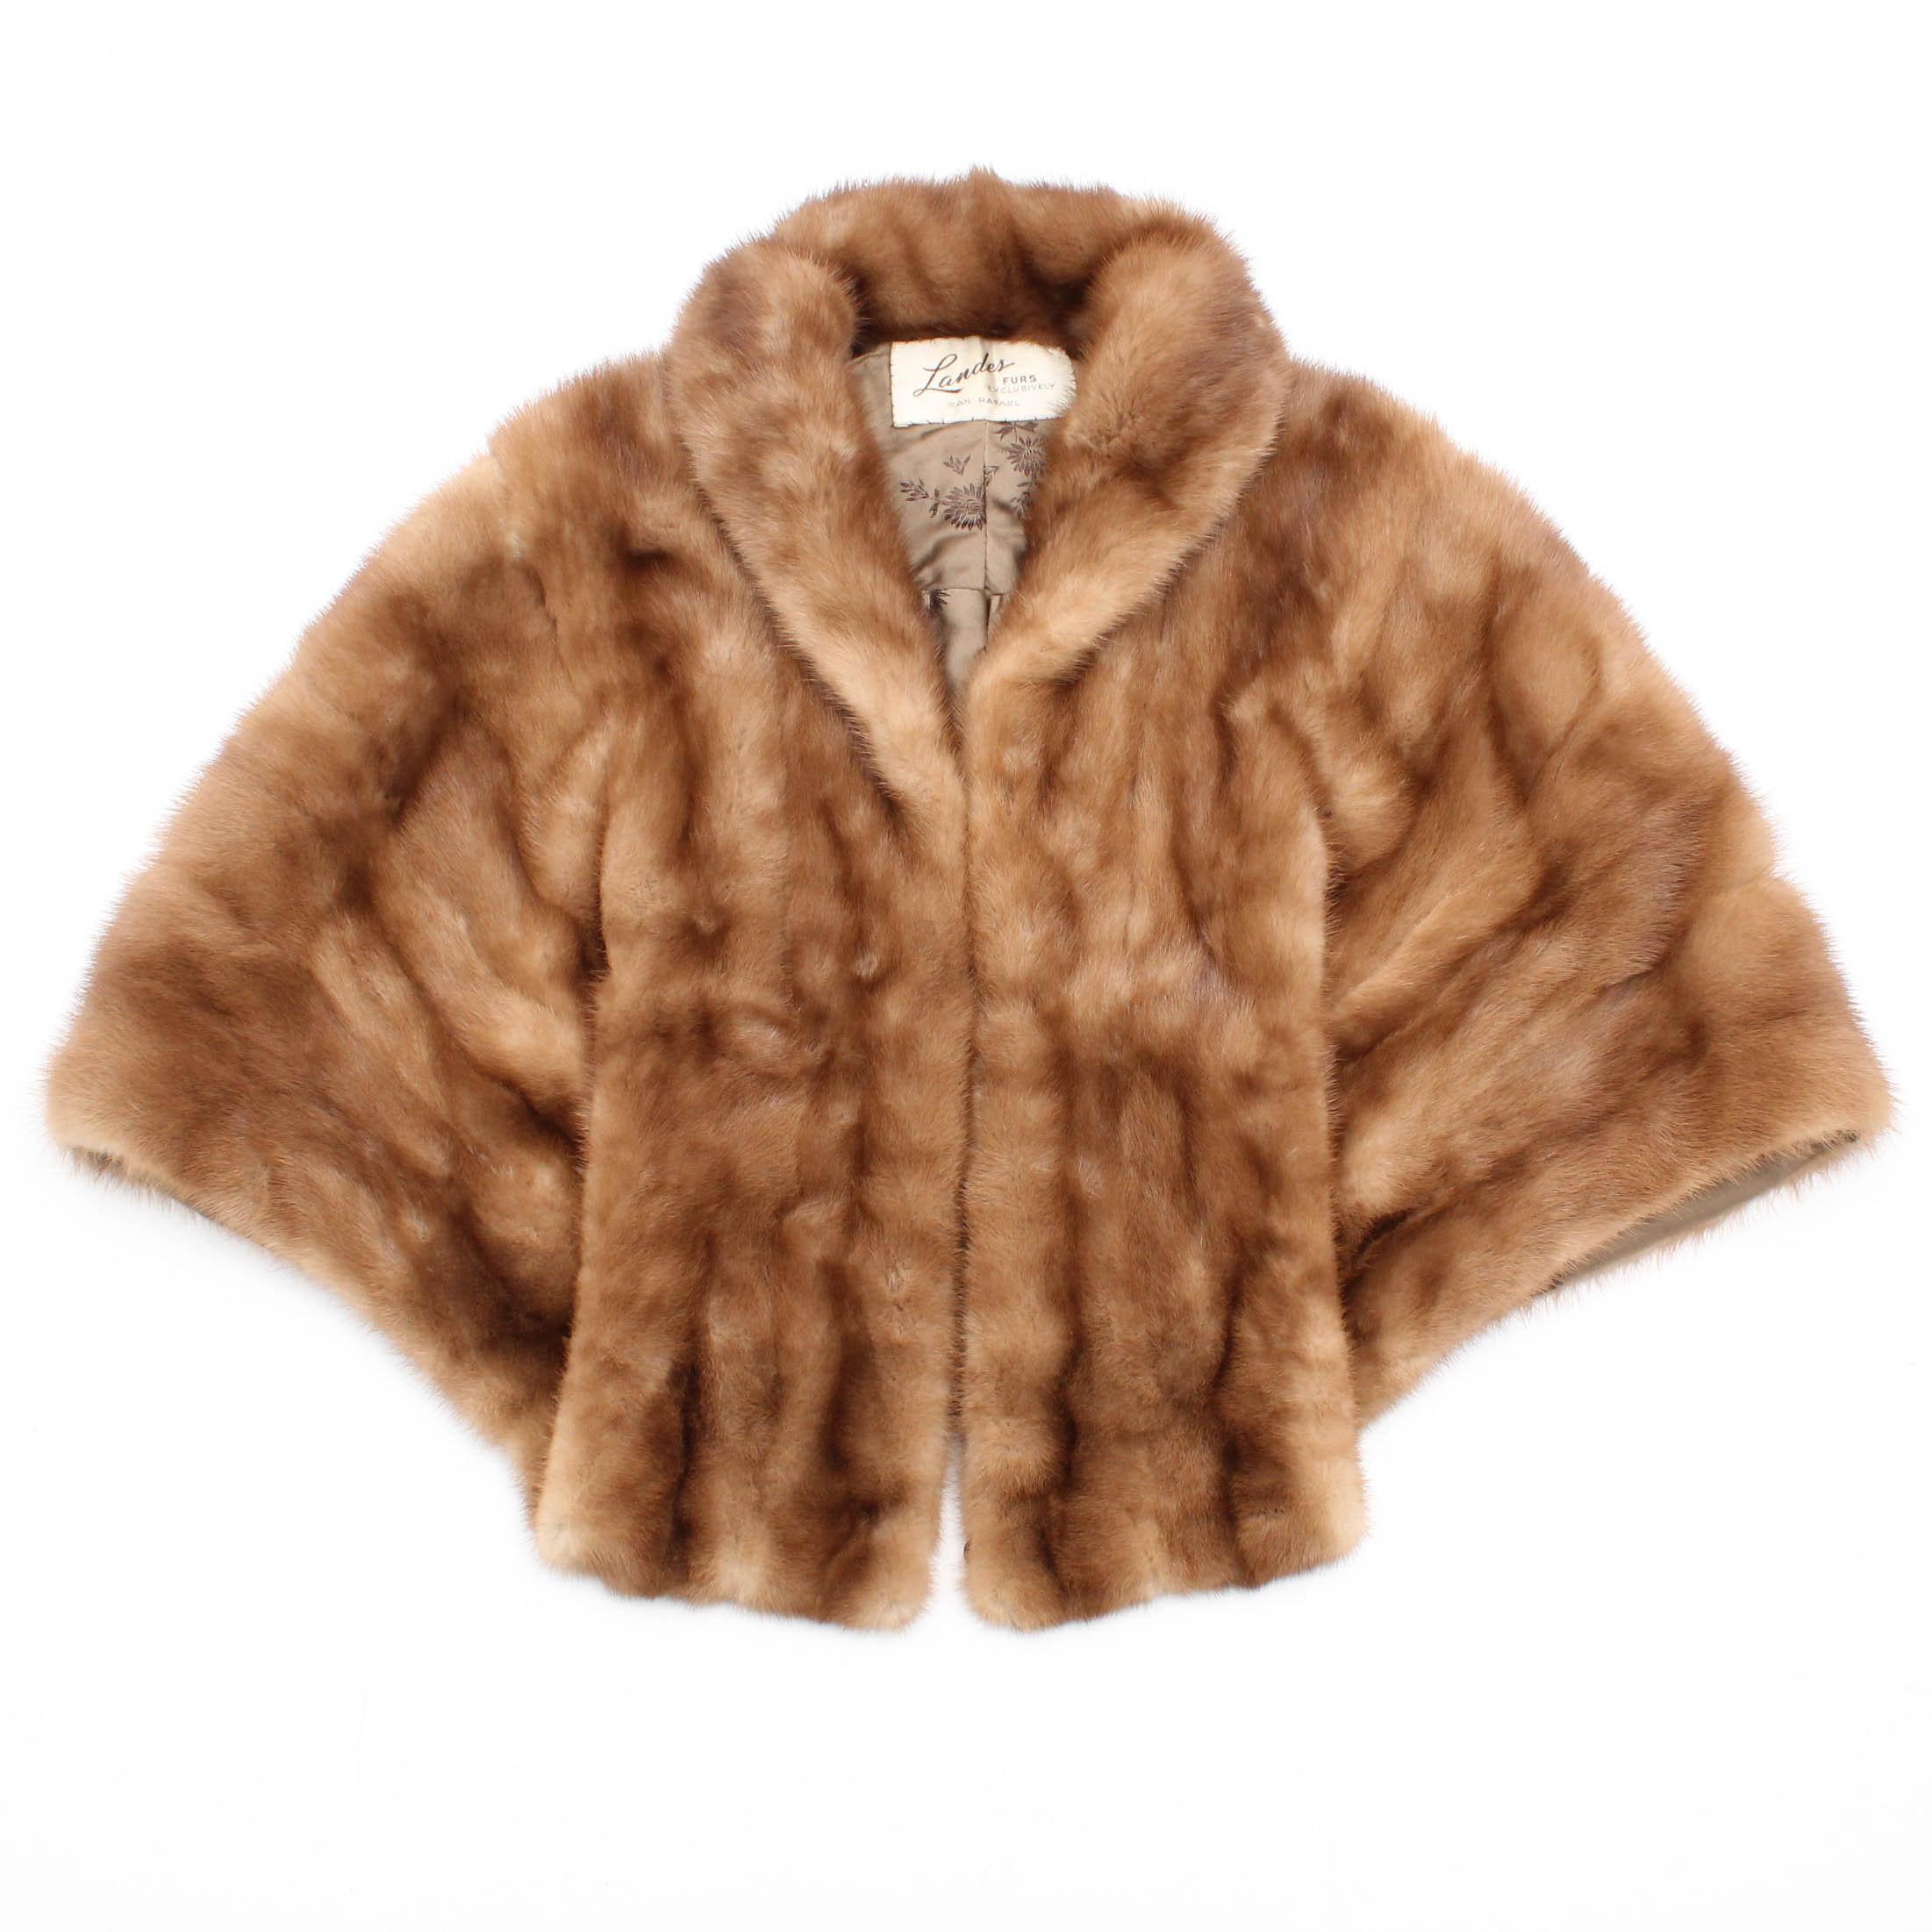 Vintage Landes Furs Mink Fur Stole